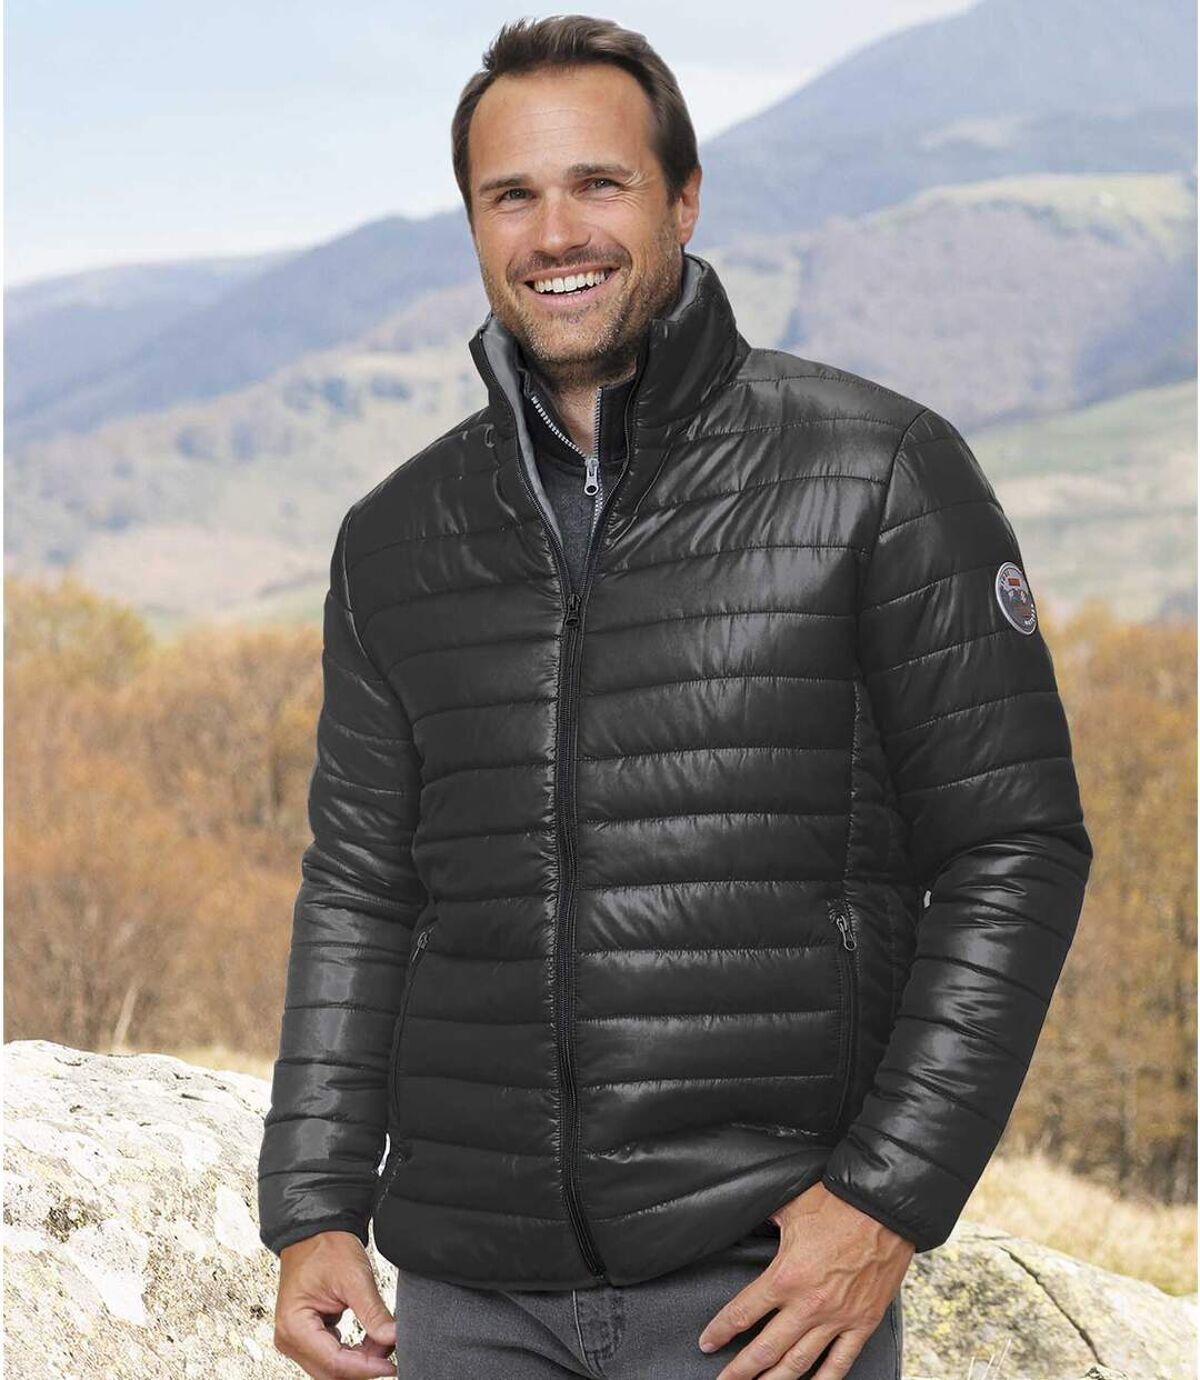 Men's Pack of 2 Lightweight Atlas For Men® Puffer Jackets - Black Navy Atlas For Men